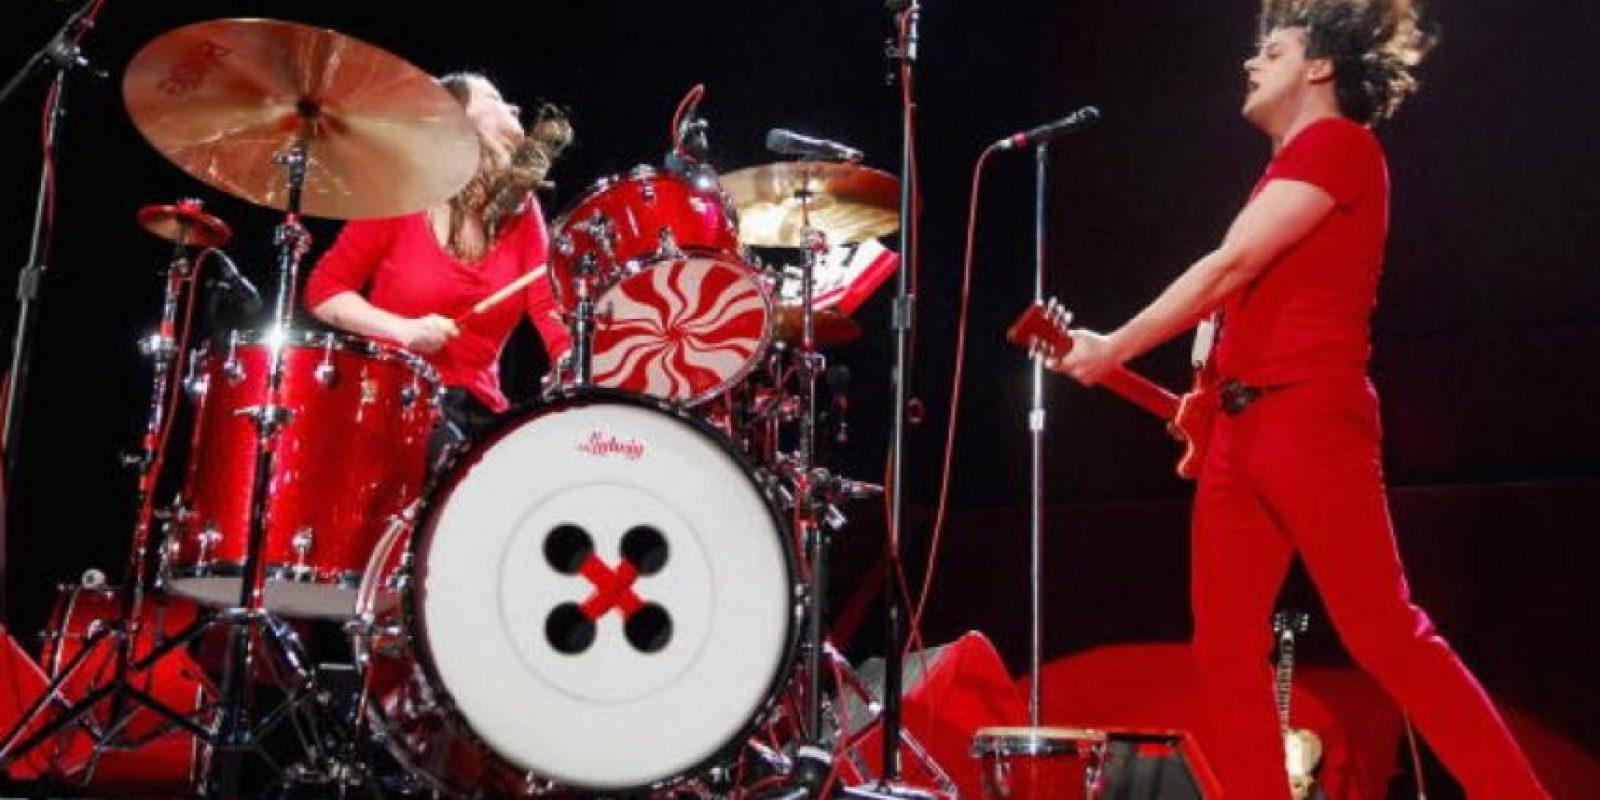 Jack y Meg White no necesitaban de un bajo para su sonido. Foto:vía Getty Images